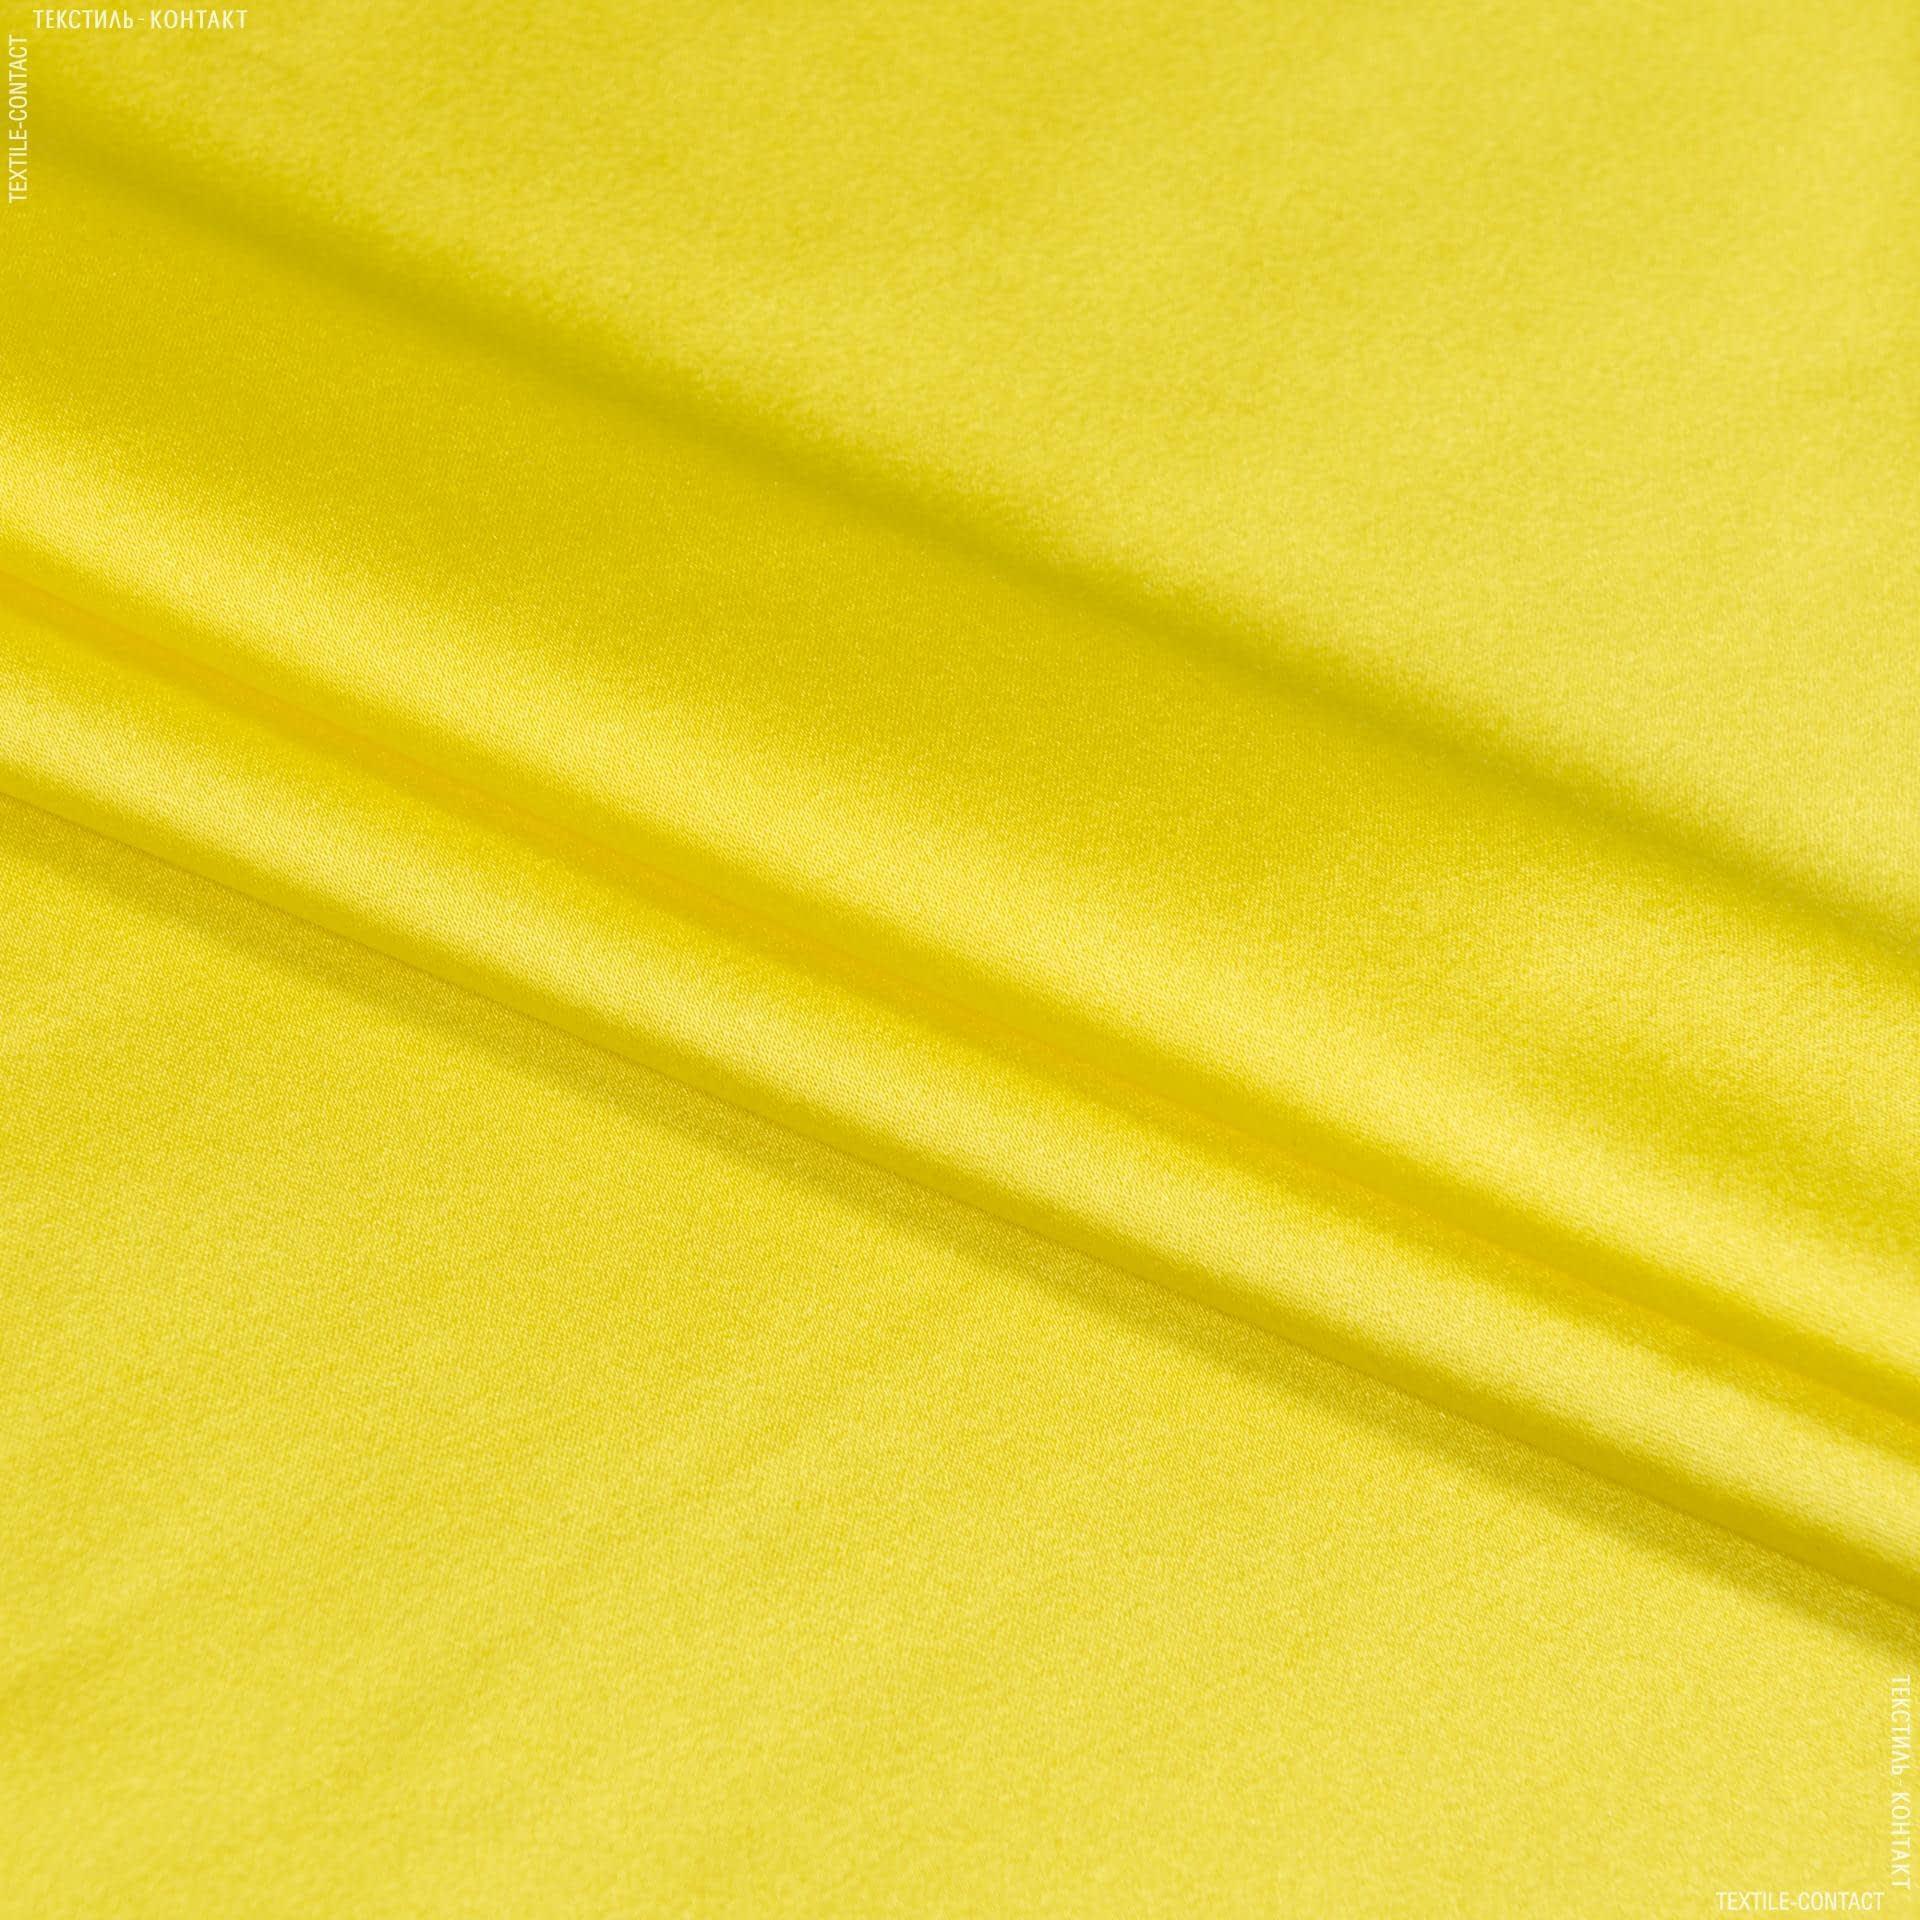 Ткани для белья - Атлас шелк стрейч лимонно-желтый